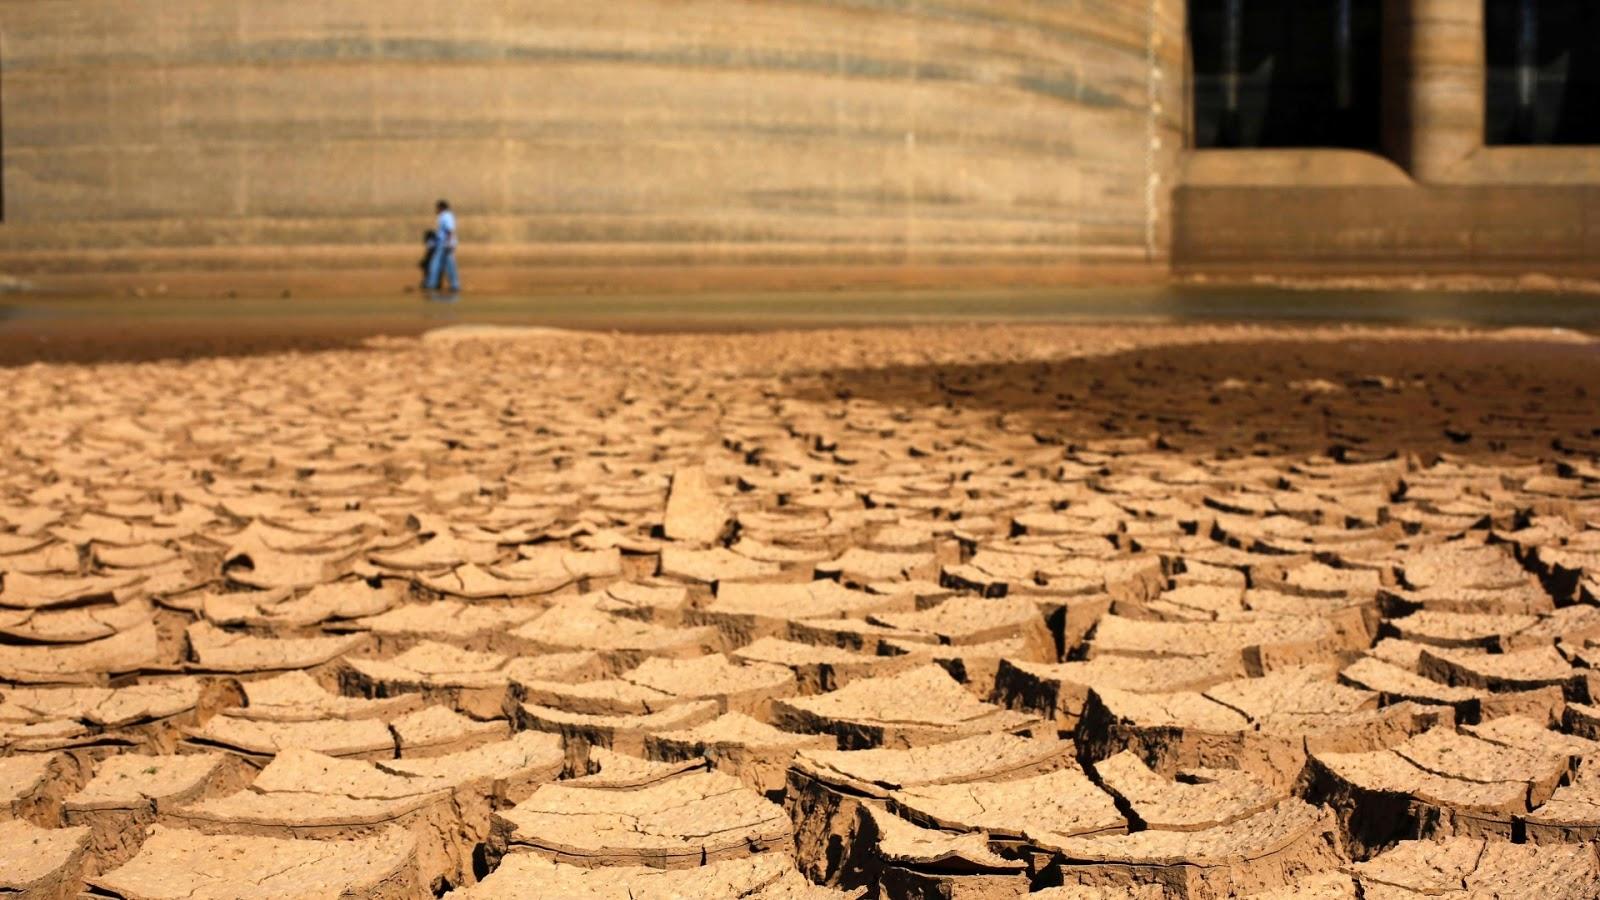 http://4.bp.blogspot.com/-shqQddqnuFI/UzQ5EDedZbI/AAAAAAAAZA0/XzwRHuntoJU/s1600/30jan2014---represa-jaguari-que-integra-o-sistema-da-cantareira-da-sabesp-companhia-de-saneamento-basico-do-estado-de-sao-paulo-fica-com-solo-seco-e-rachado-devido-a-falta-de-chuvas-no-estado-1391556572186_1920x1.jpg